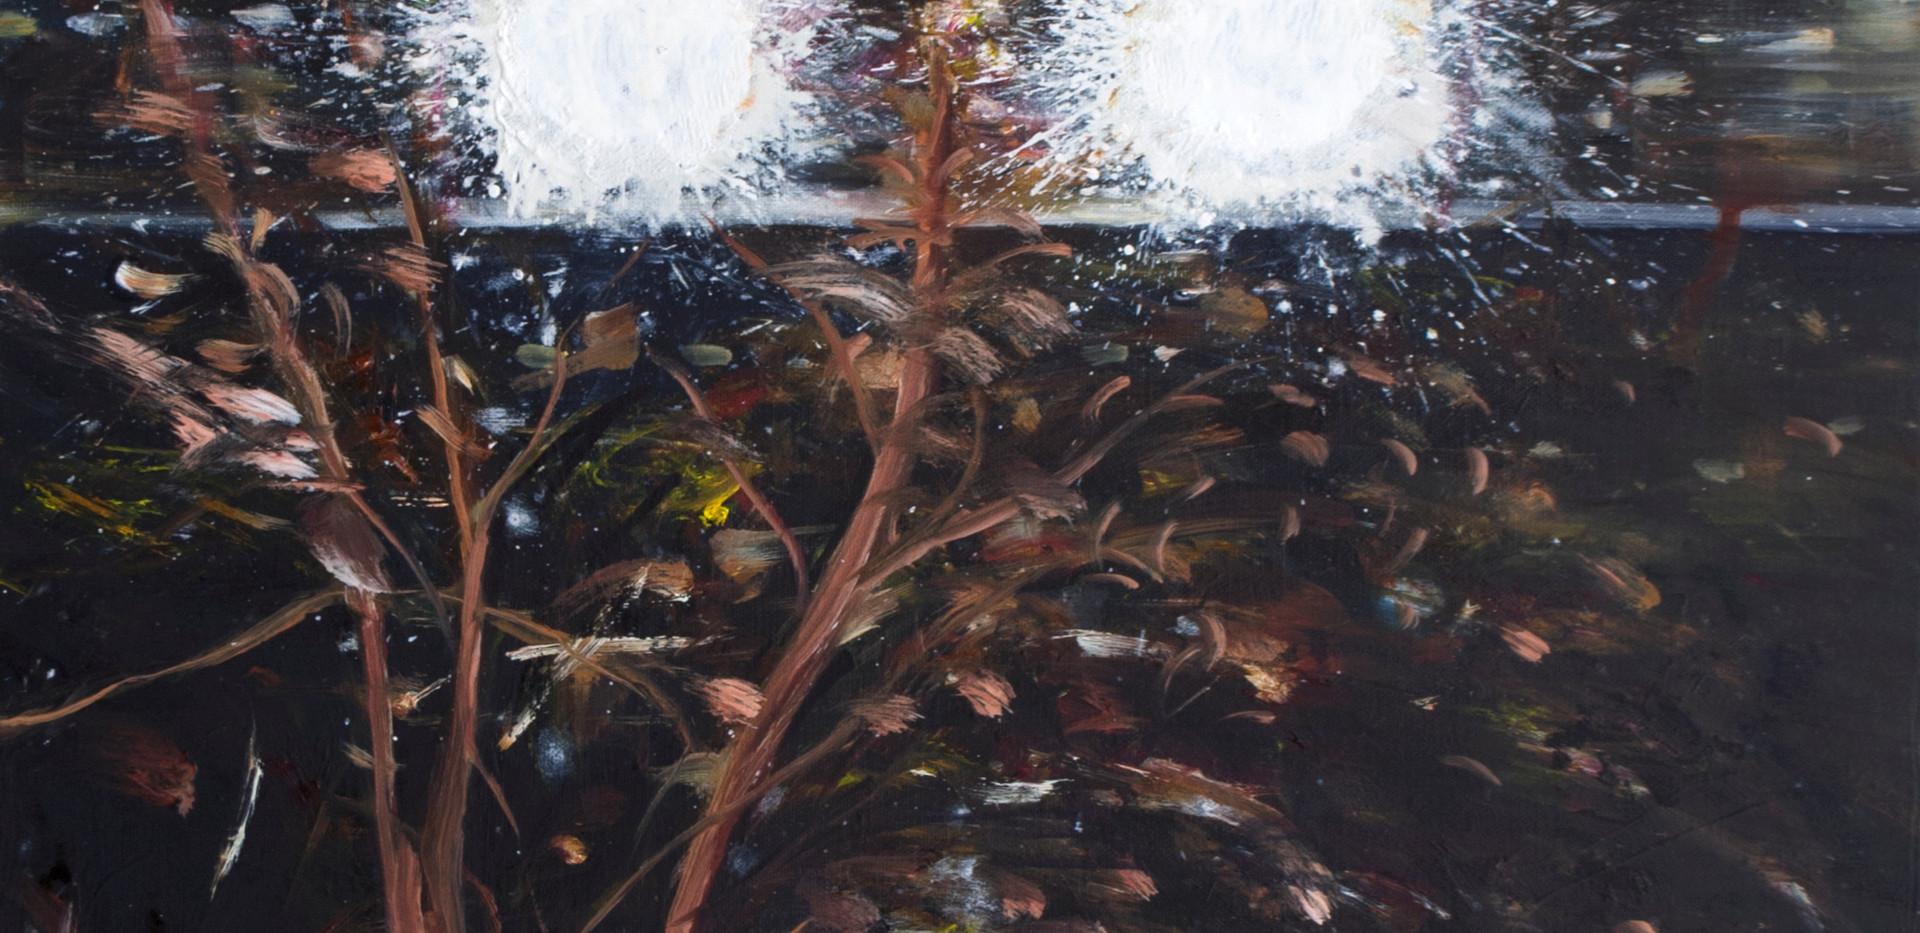 신준민, <빛나는 밤>, Oil on canvas, 53*45.5cm, 2020